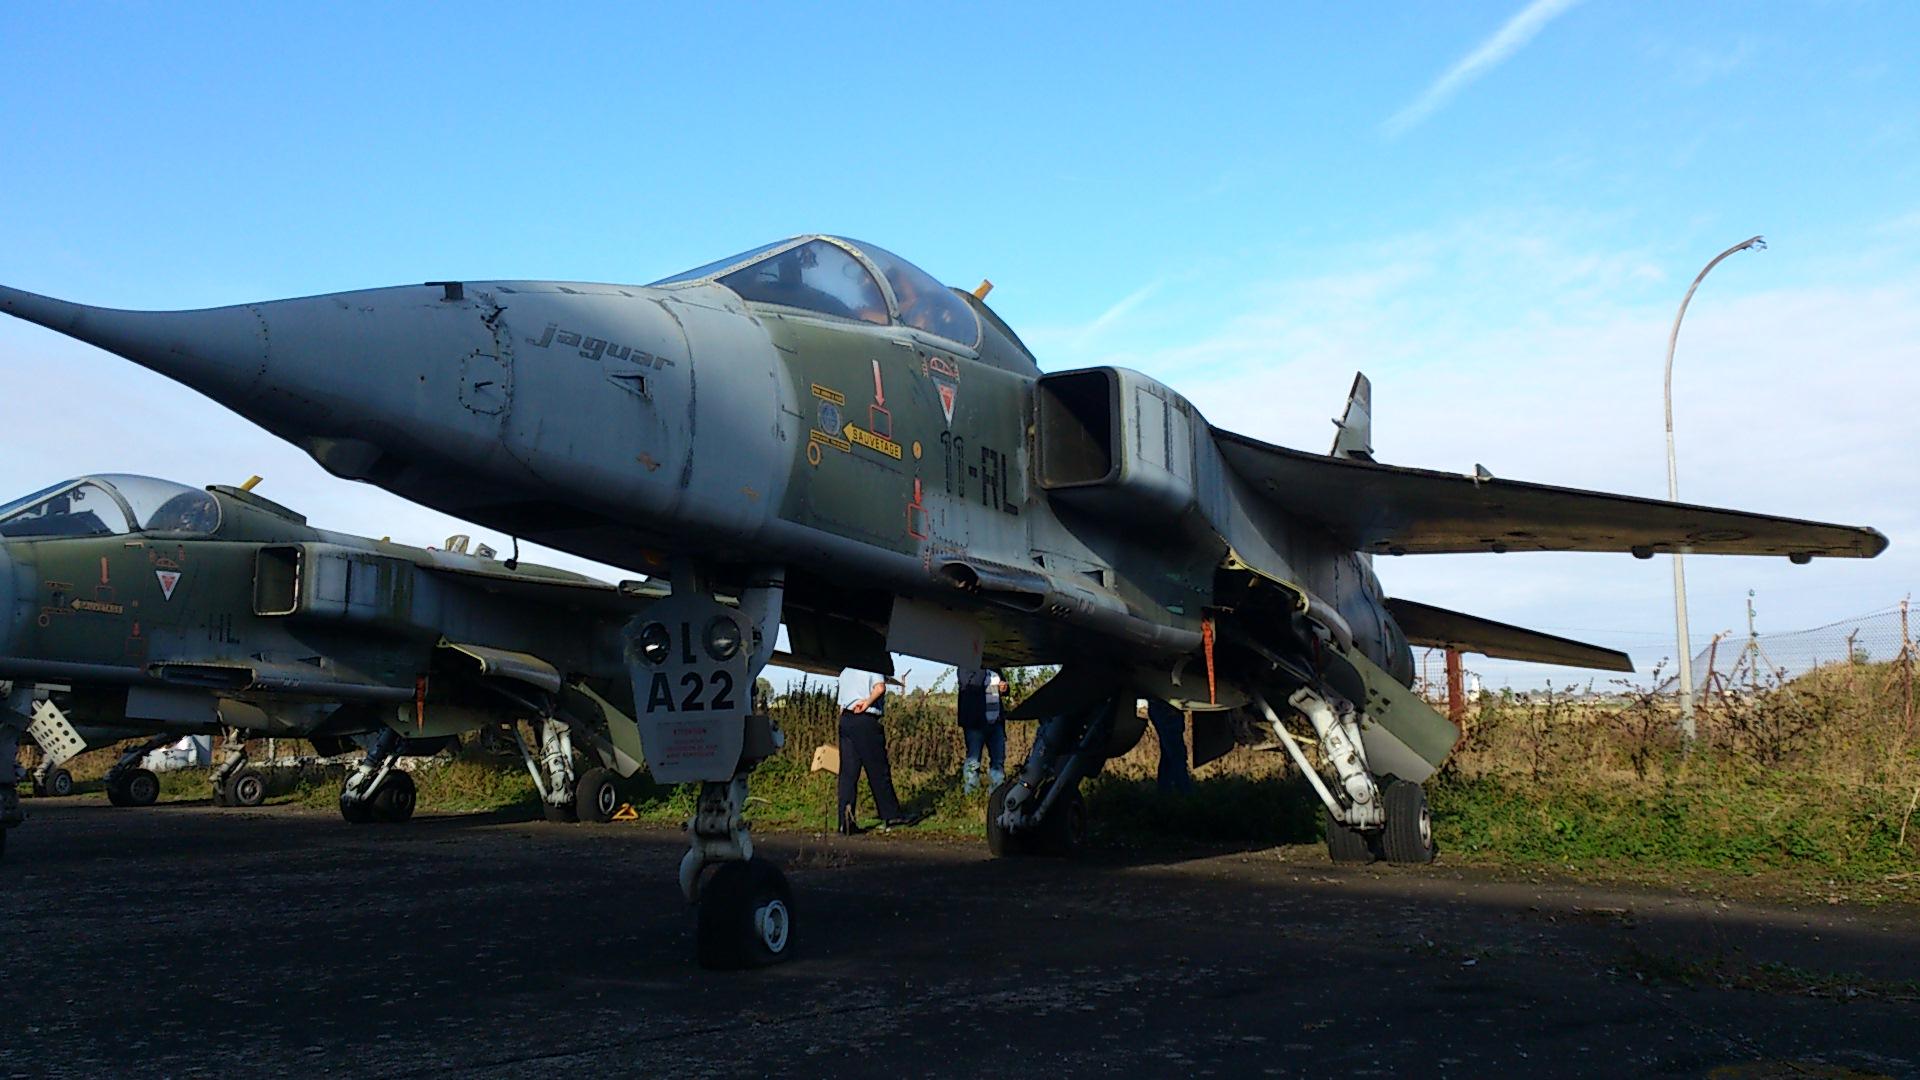 Jaguar A-22